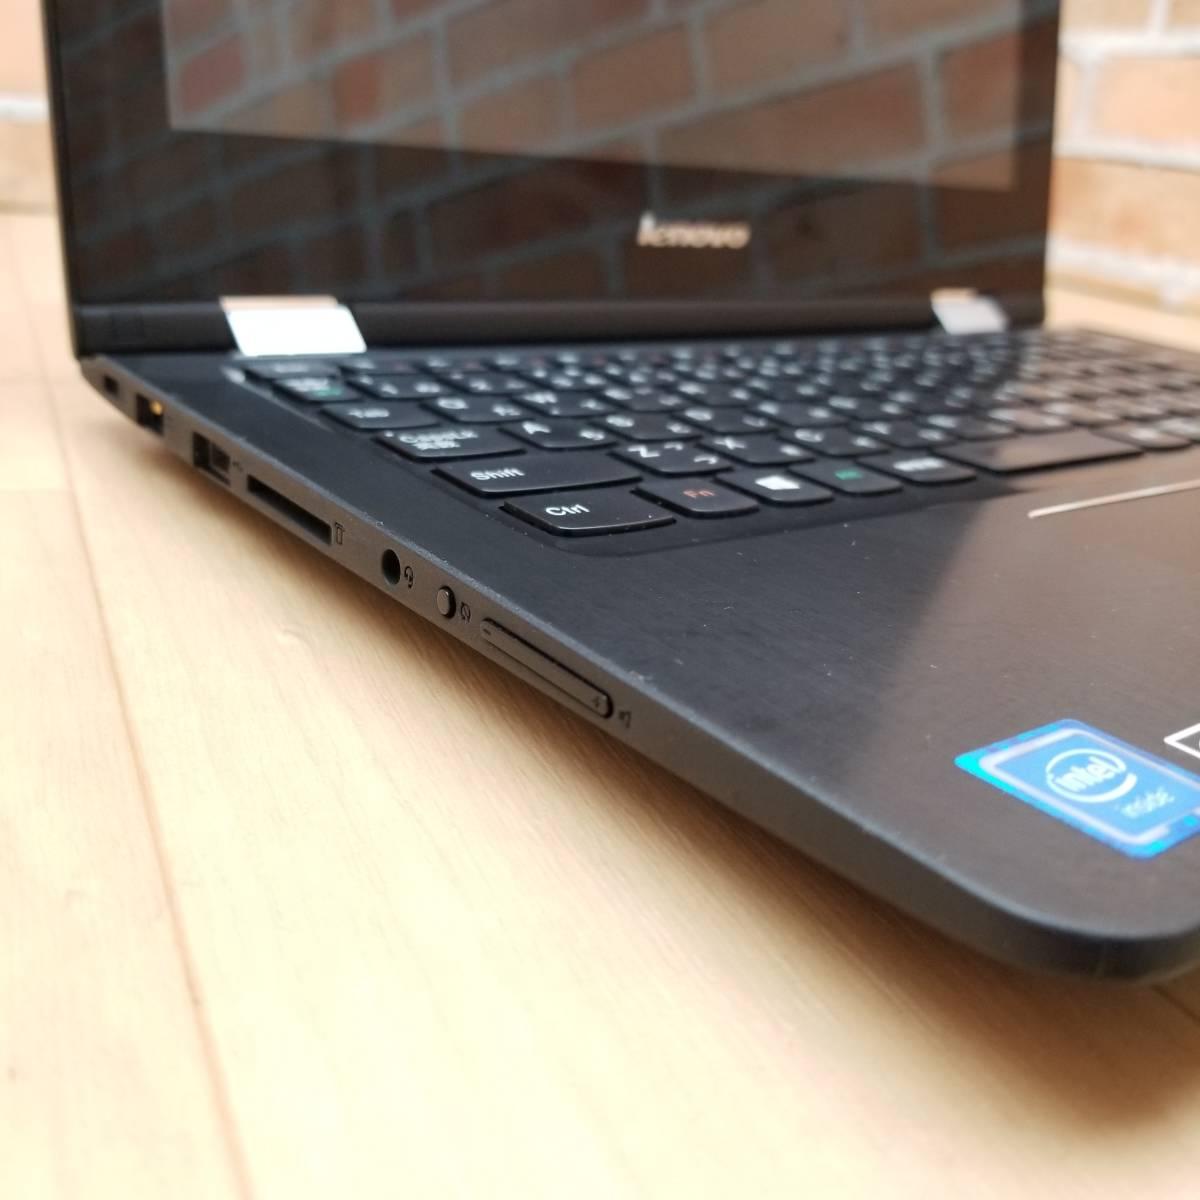 ★2015年モデル・美品★HDD500GB/メモリ4GB/無線Wi-Fi/Webカメラ/最新Office/Win10/高性能Celeron N3050搭載/Lenovo YOGA 300-11IBR(C7438)_★USB2.0搭載★